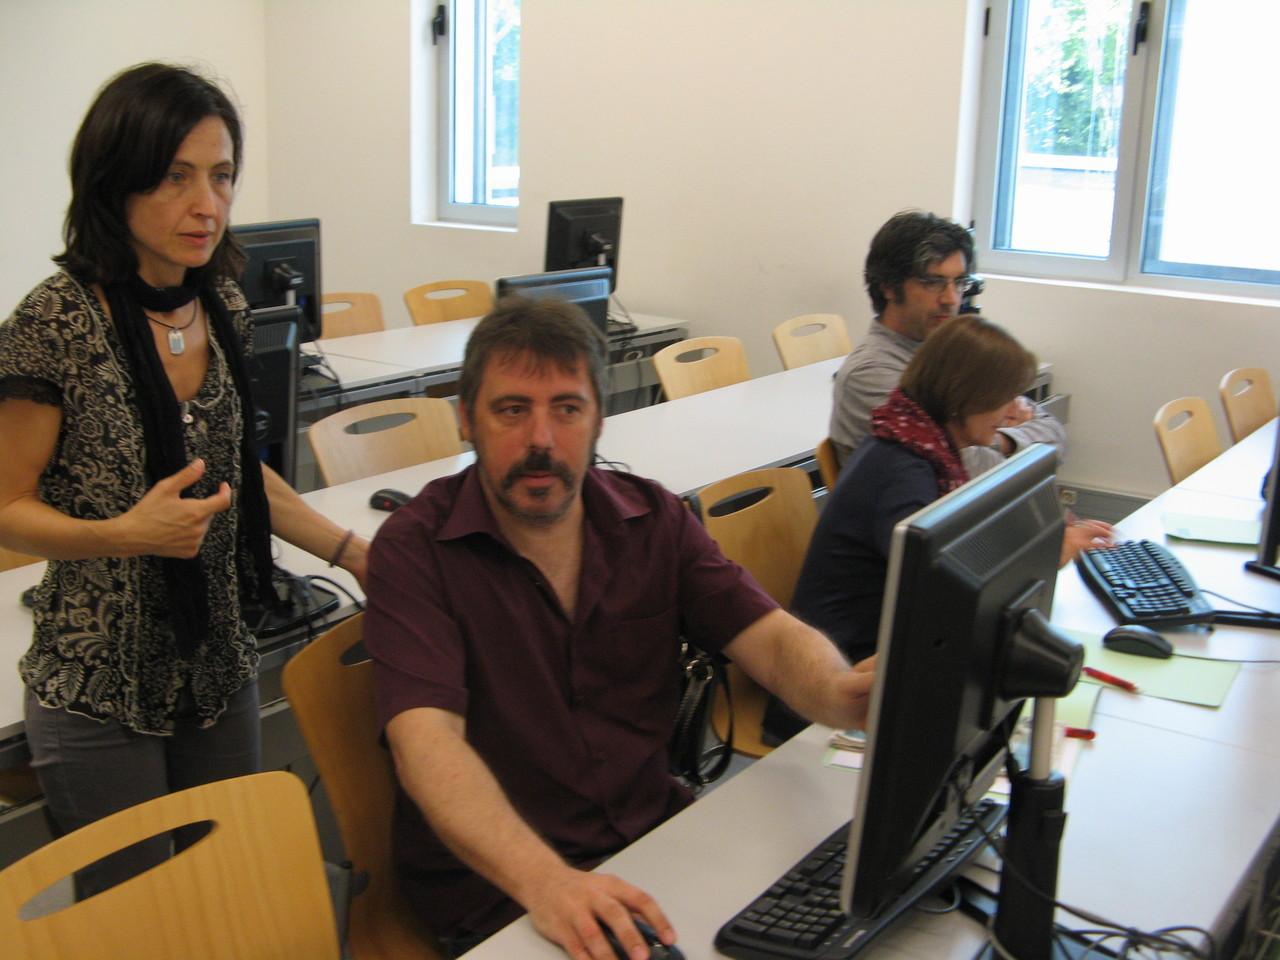 En el taller pràctic es va presentar el prototip i els assistents van poder navegar dins el grup Cirax de la plataforma social